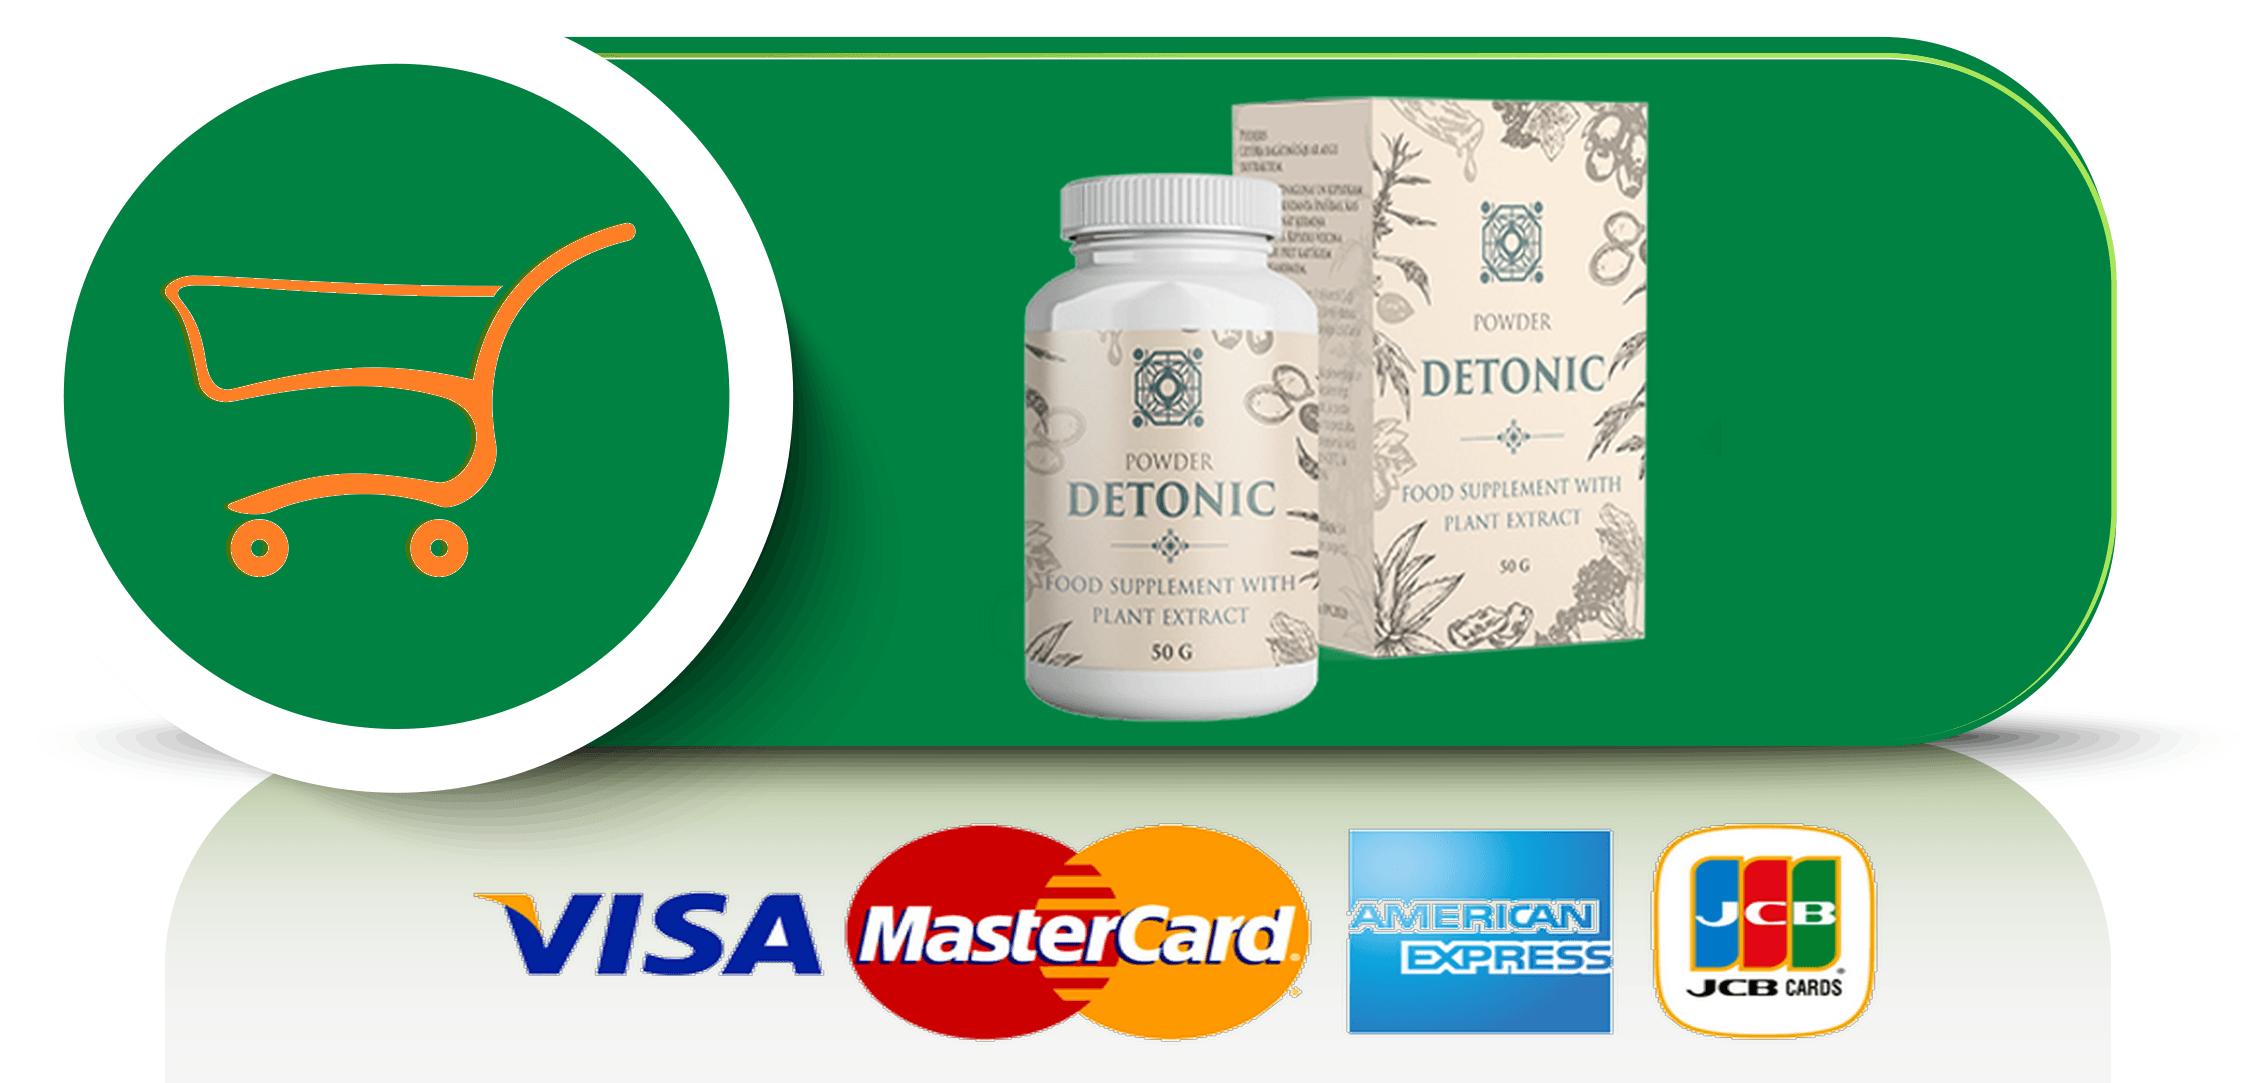 LARESIN PLUS 20 mg/25 mg filmtabletta - Gyógyszerkereső - Háhegyisportclub.hu